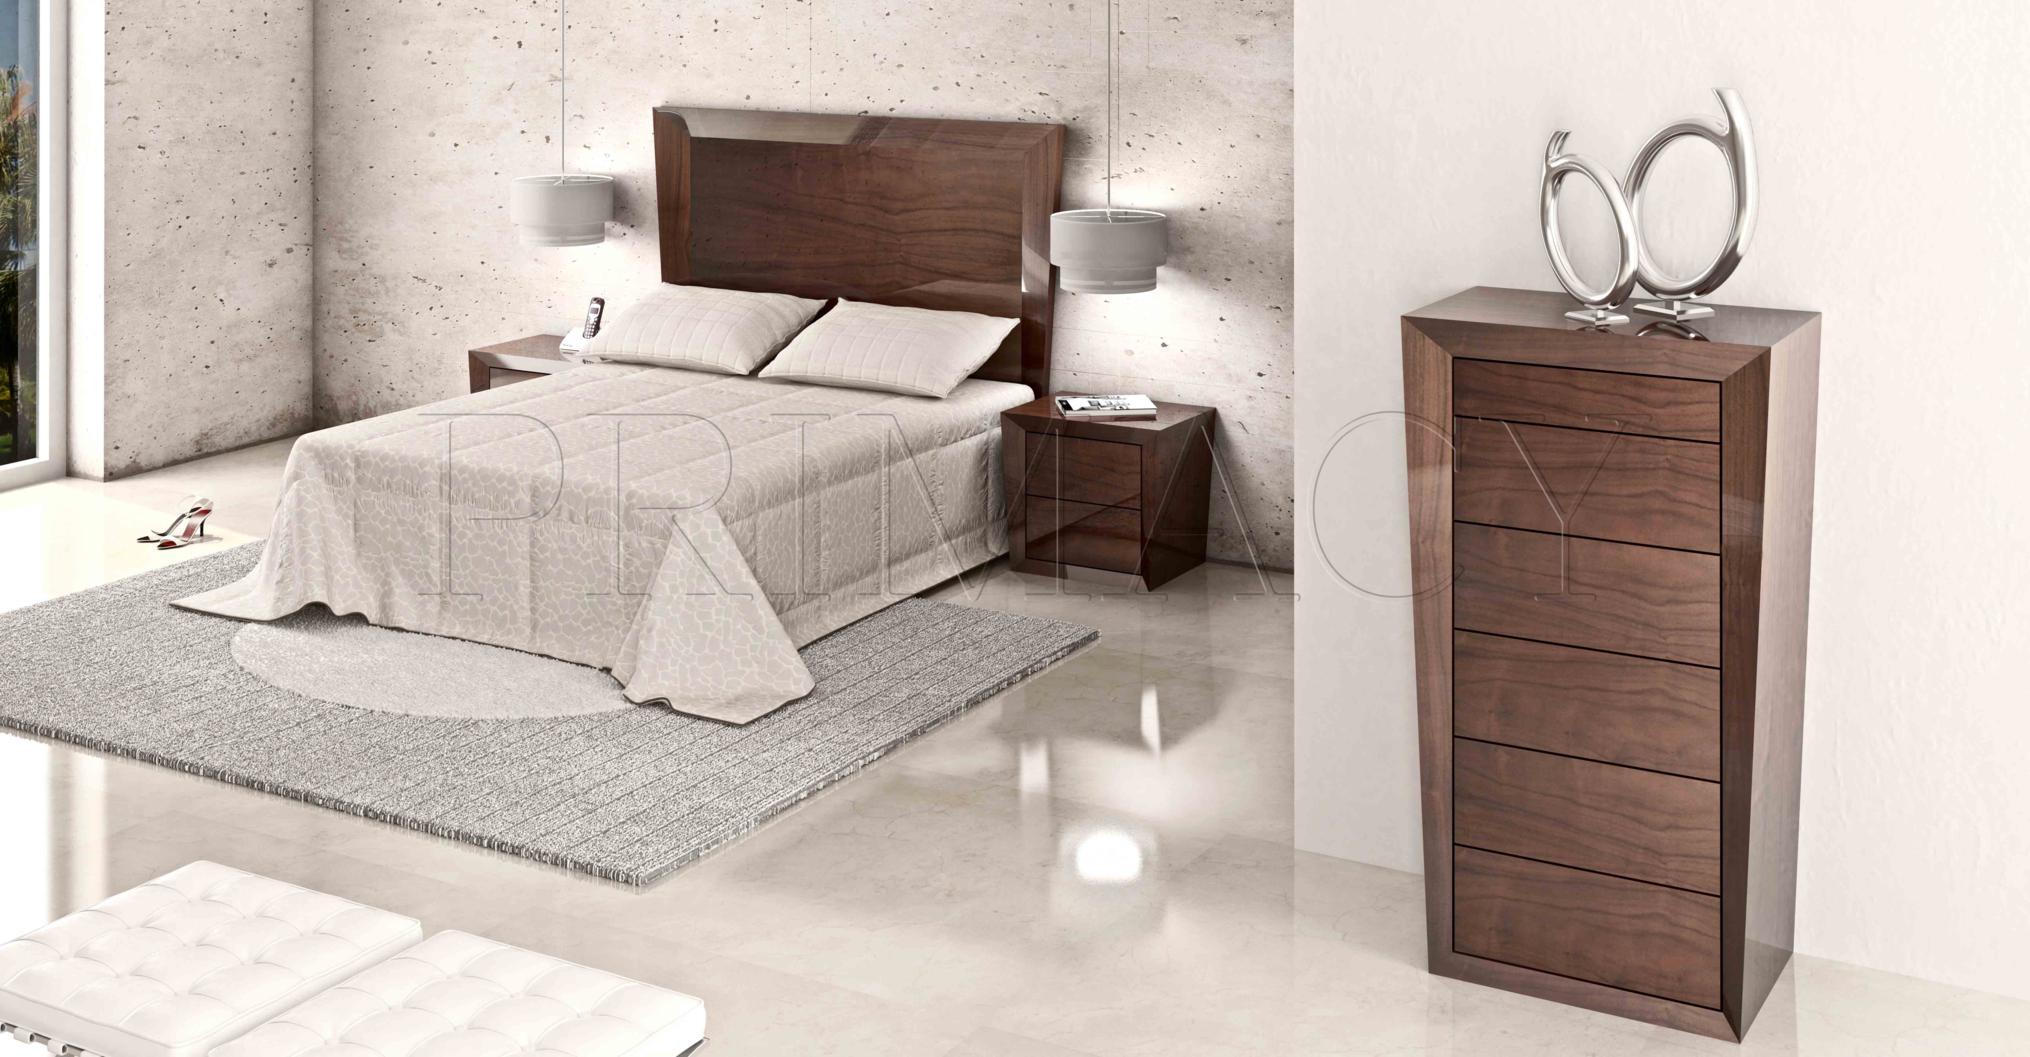 dormitorio de estilo contemporaneo (59)